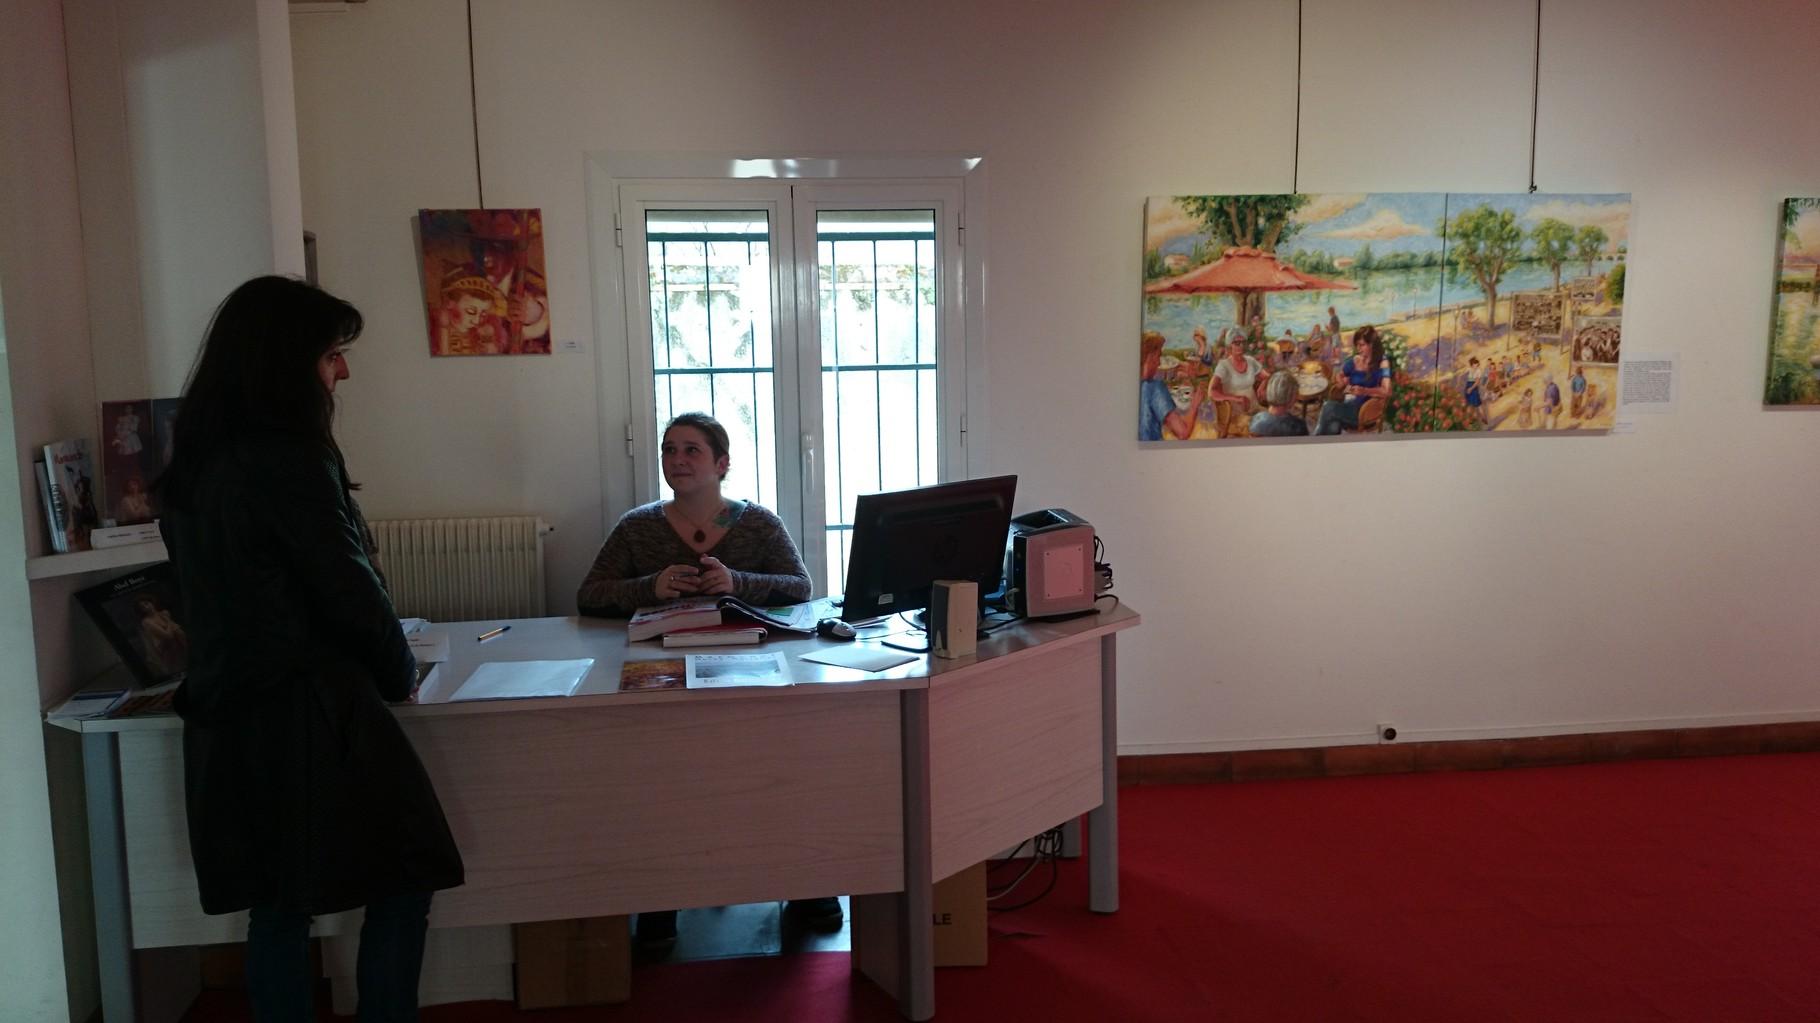 Le staff du musée. Courageuses, toujours présentes, aimables et souriantes. (D'autres photos ultérieurement).